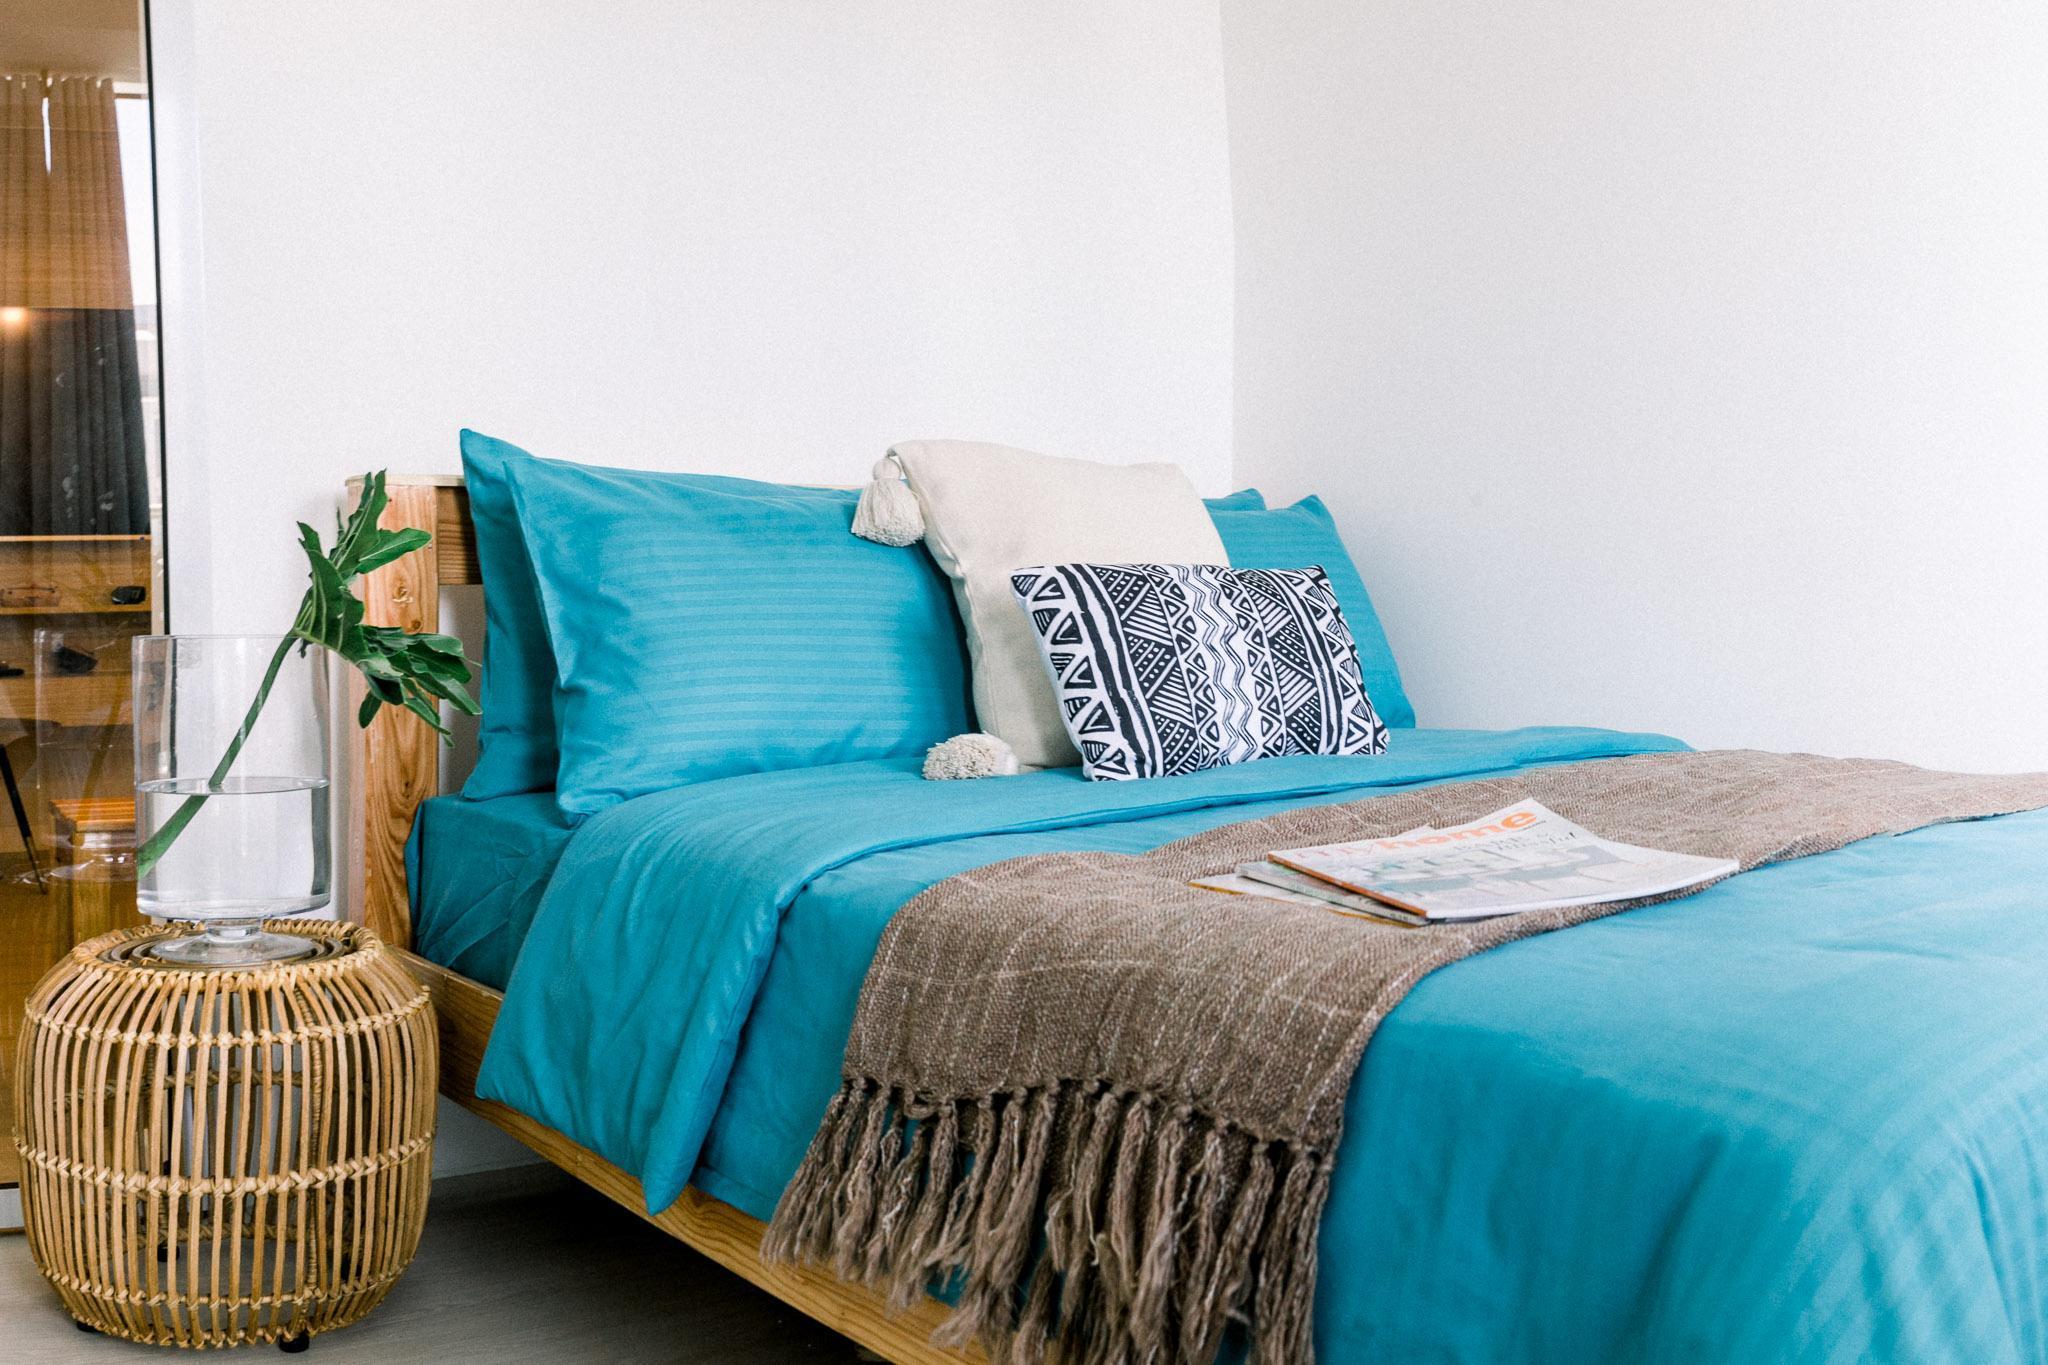 Sabrina'sCrib by Azure Urban Resort Residences